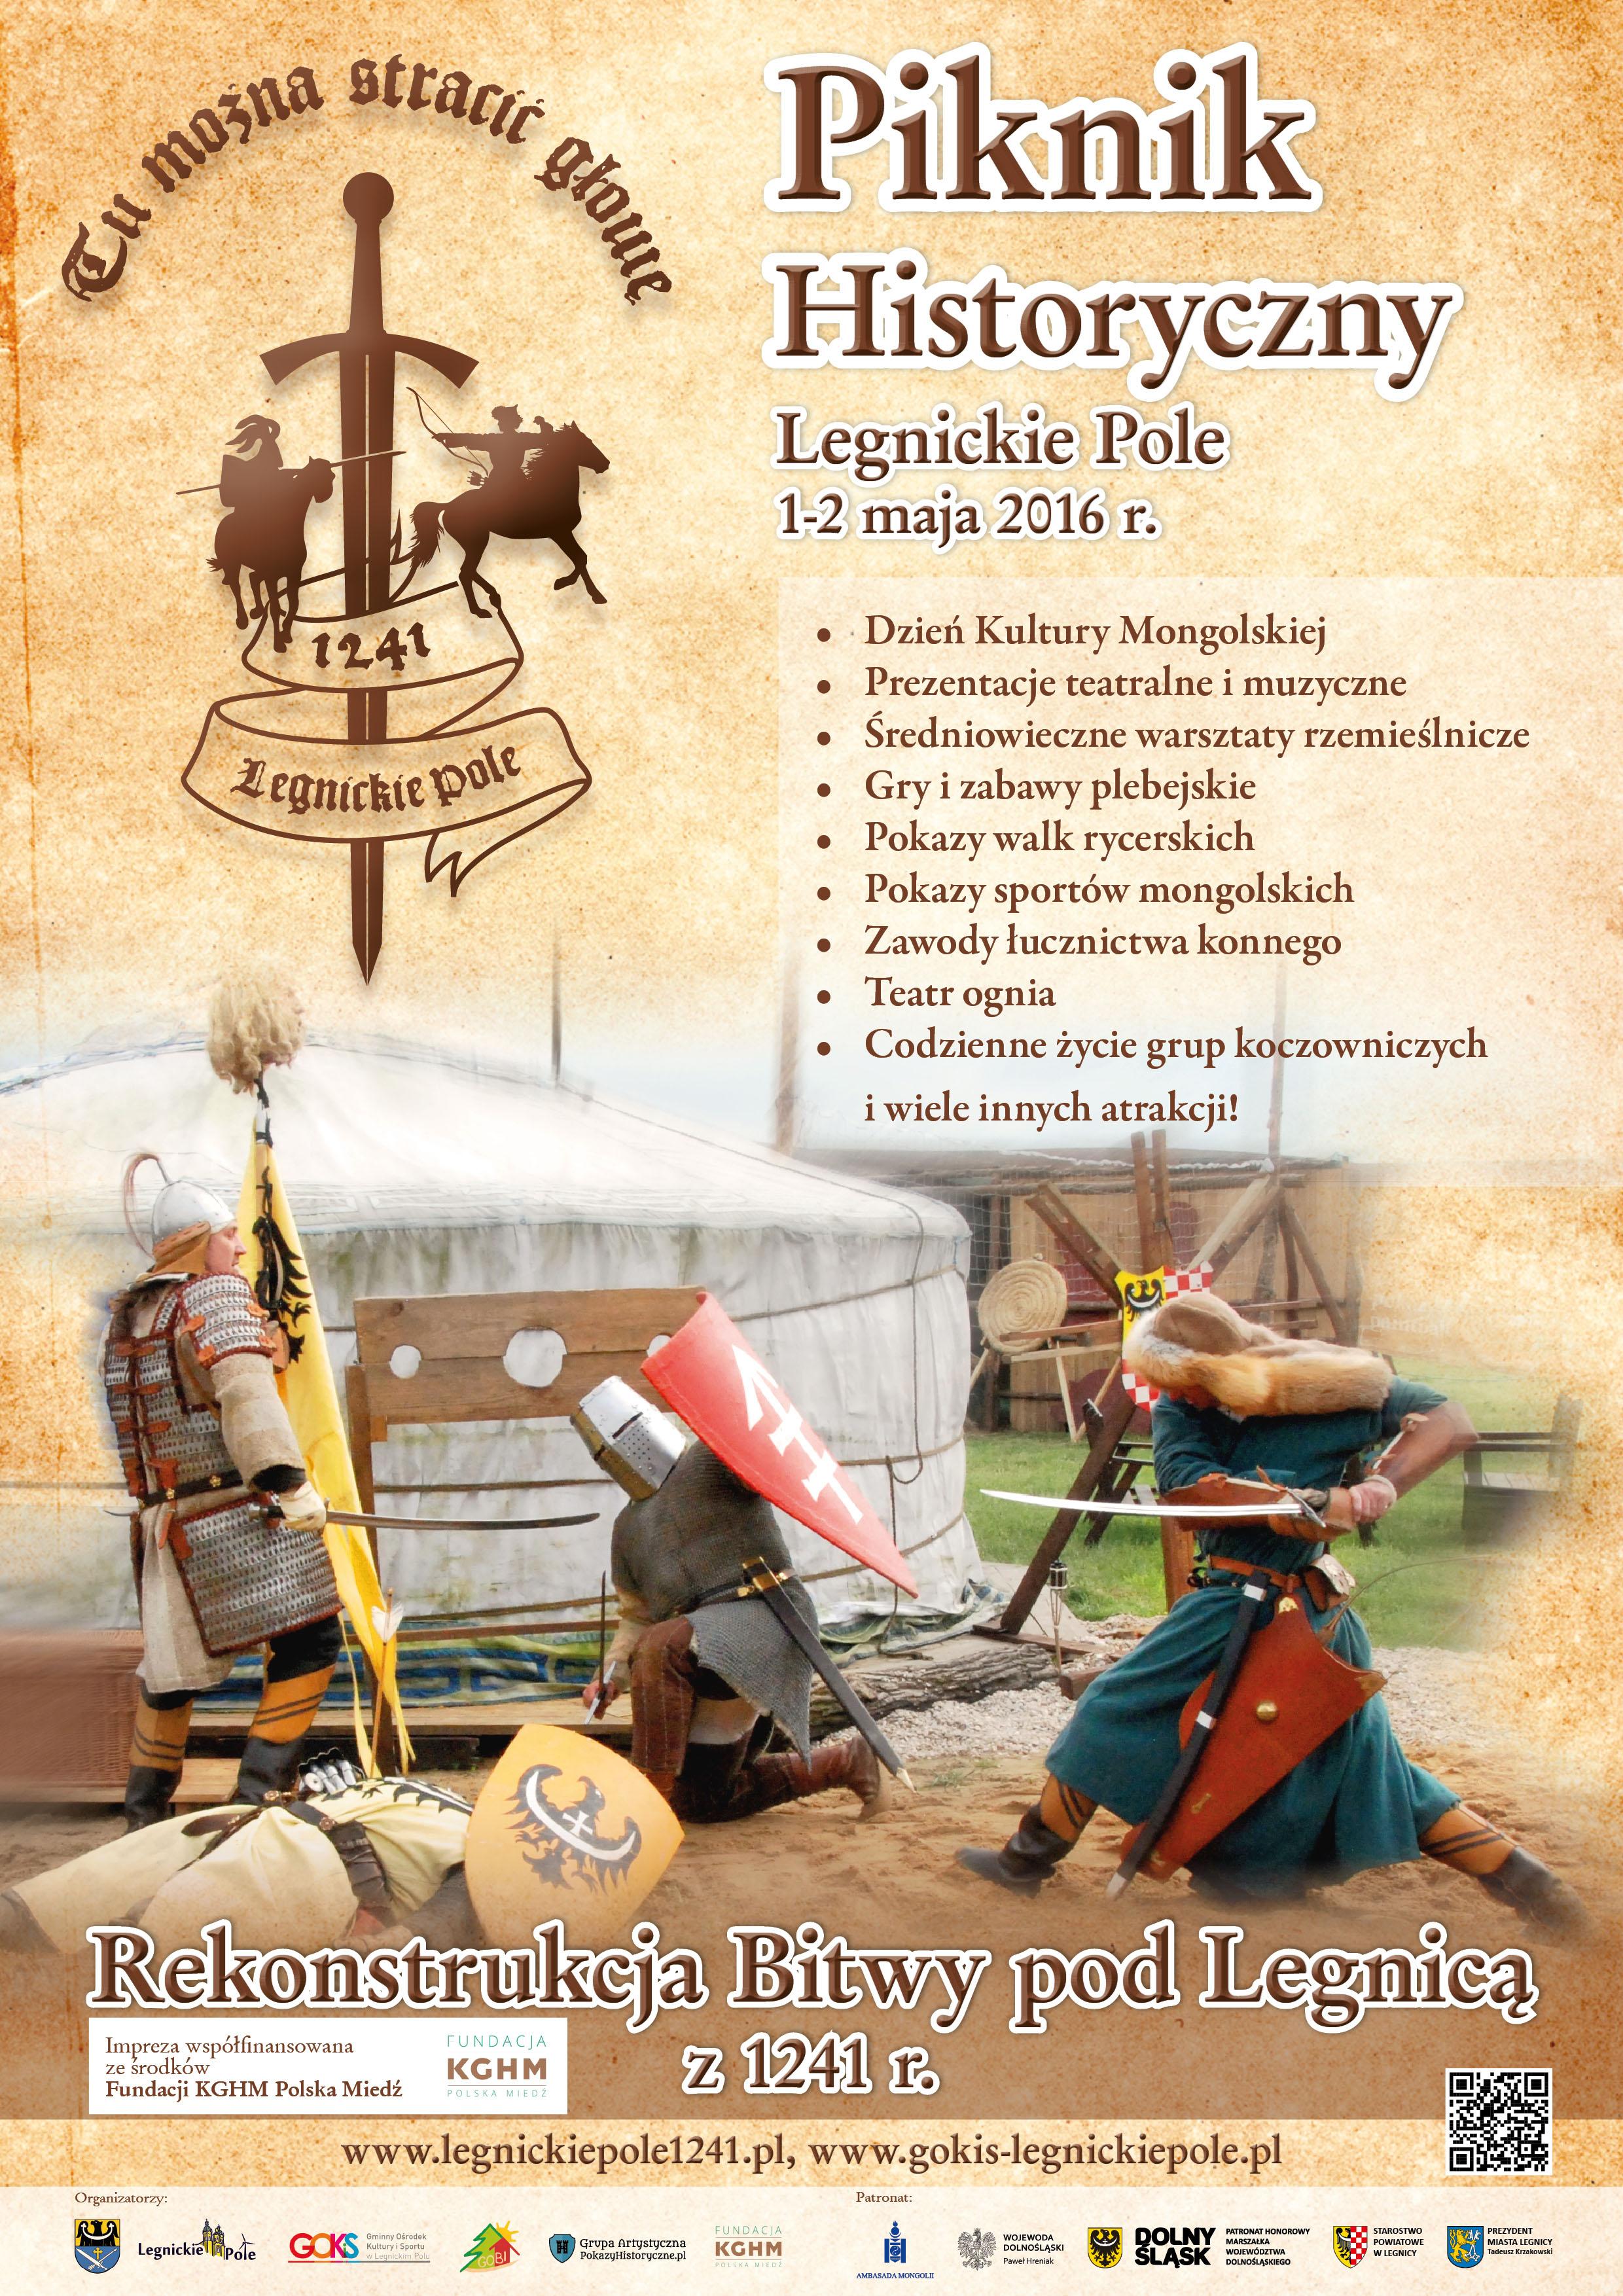 Plakat_Legnickie_Pole_1241_A2_v05